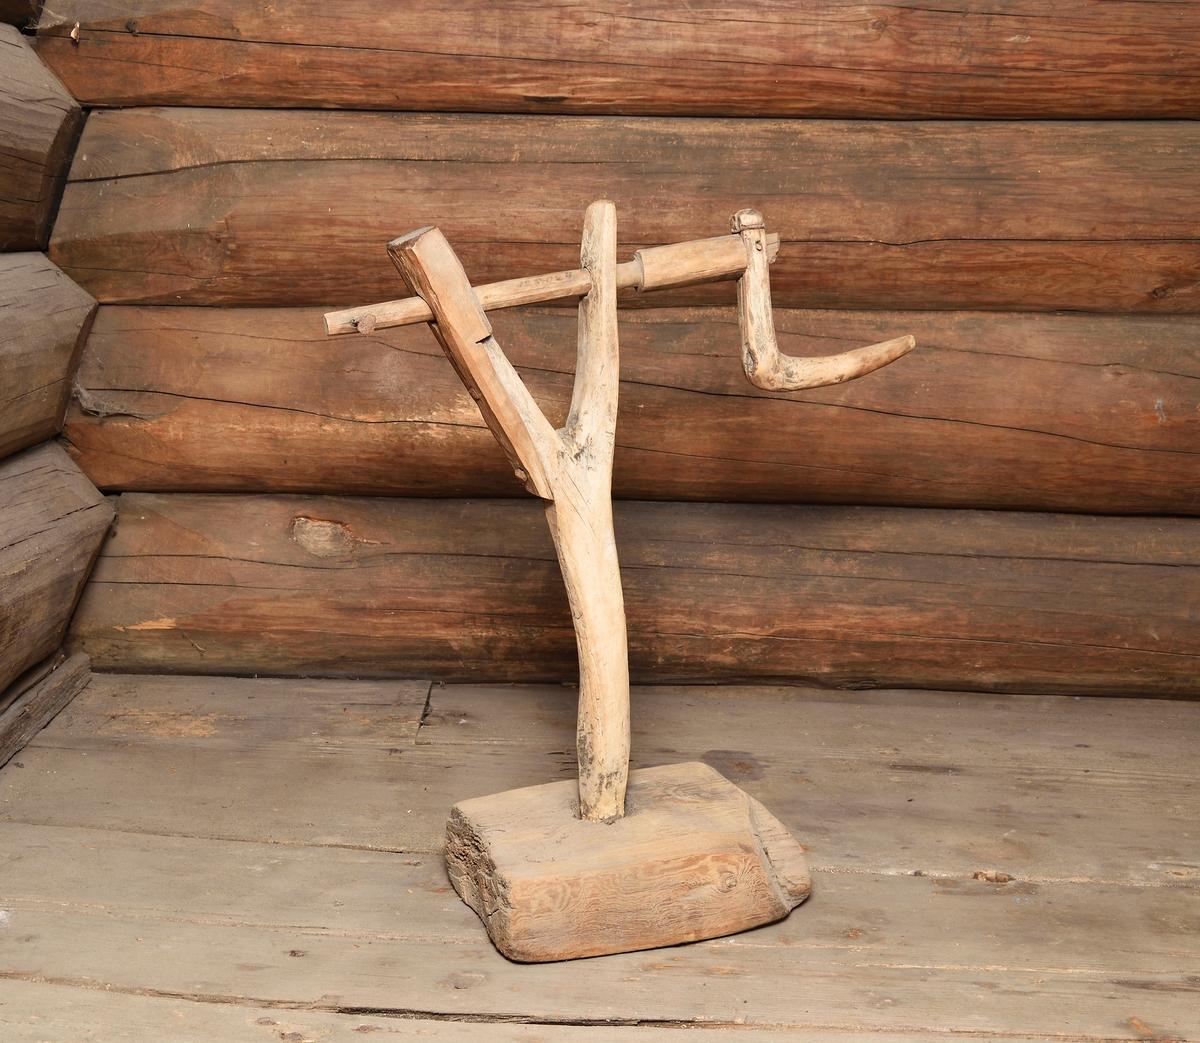 Tvinnstol, repslagarredskap av trä. Fot av tjock bräda, Y-formad ståndare, ena bygeln förlängd med påspikad träbit. Vev av trä med handtag, en uppstående spik i andra änden.